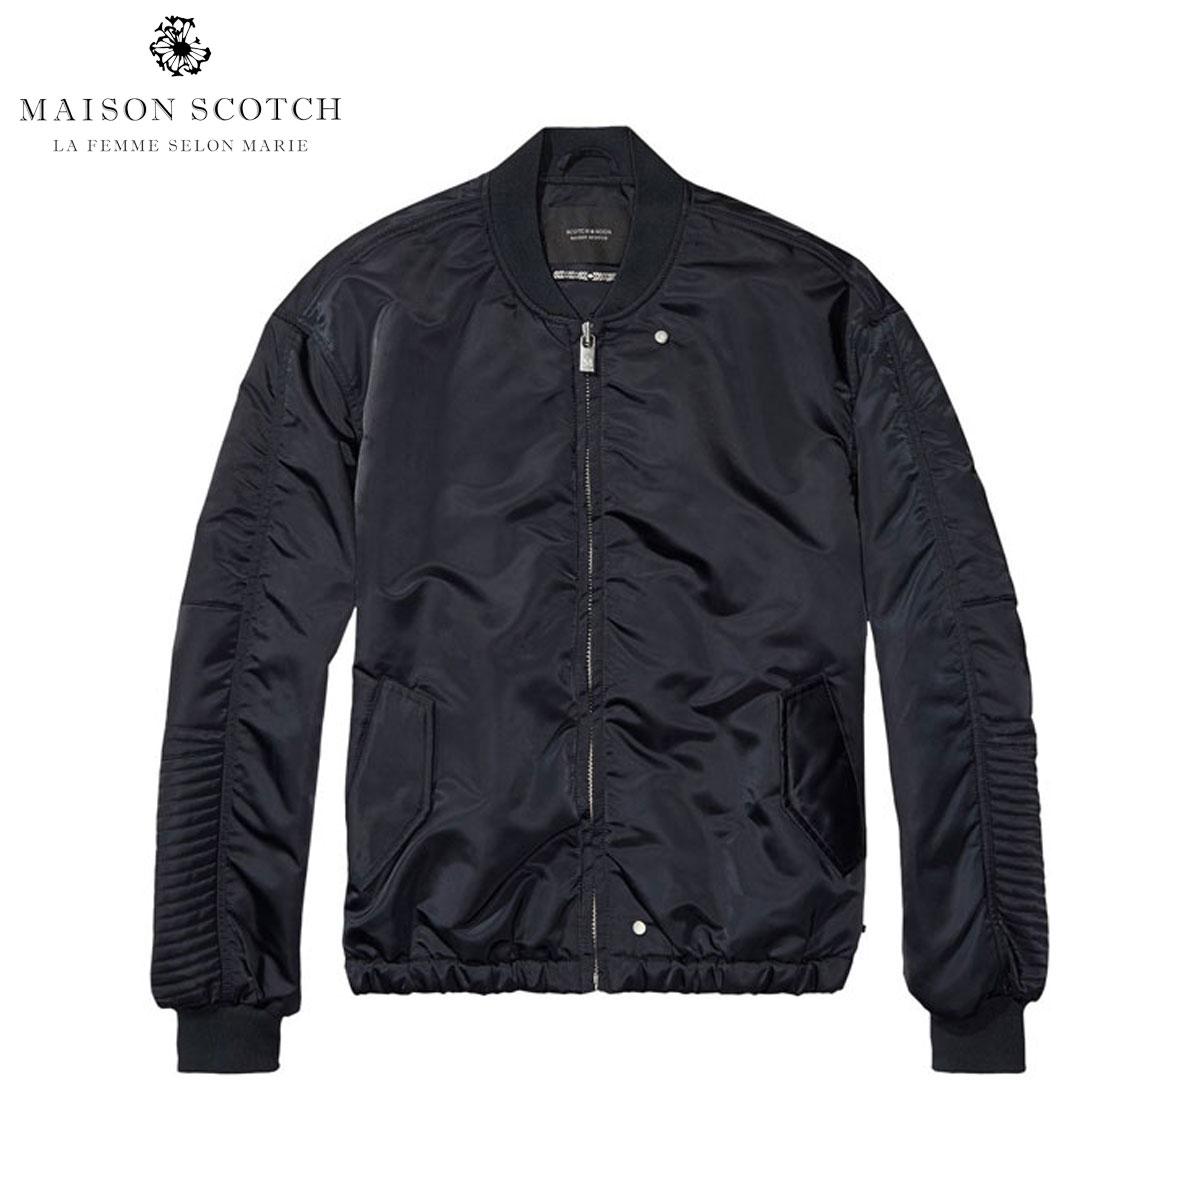 メゾンスコッチ MAISON SCOTCH 正規販売店 レディース ジャケット Ma-1 jacket 101912 02 D00S20